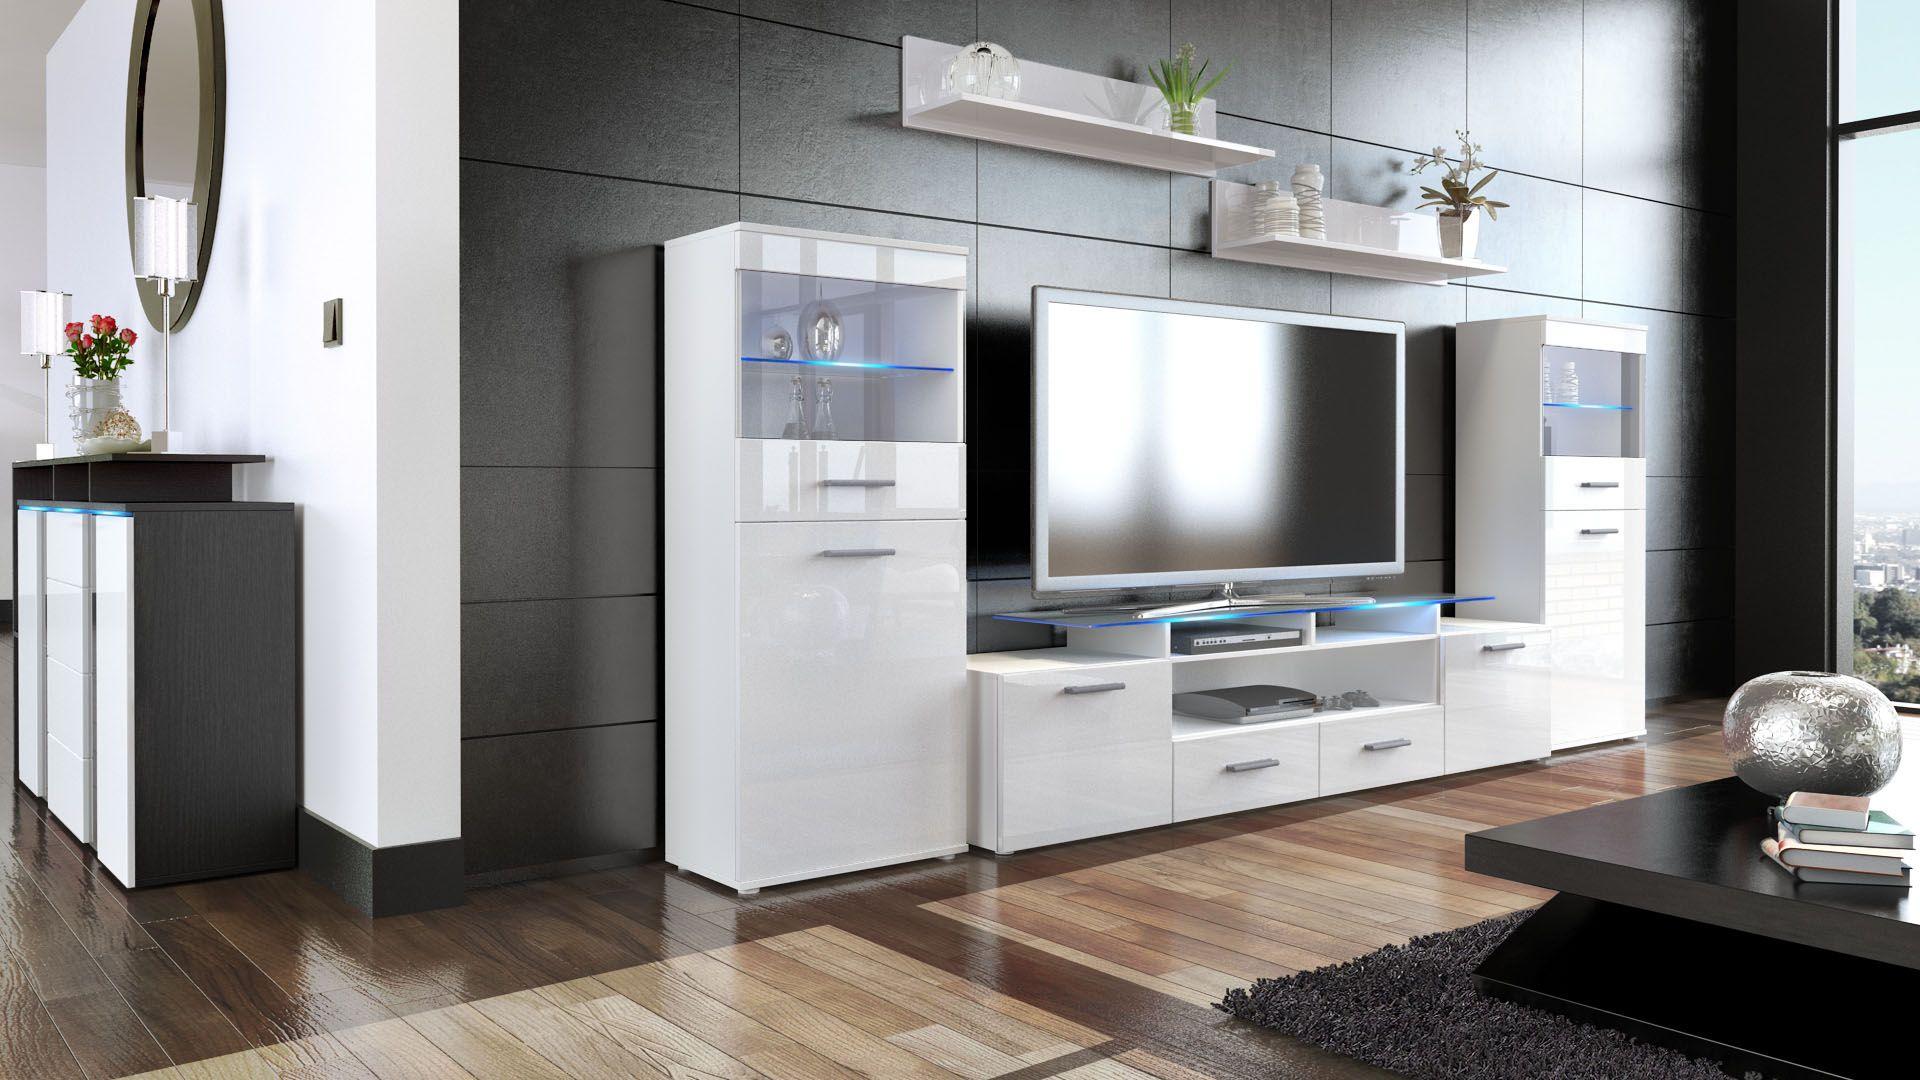 Almada V2 Wohnwand In Hochglanz Mit Led Beleuchtung Vladon De Wohnen Wohnwand Wohnzimmermobel